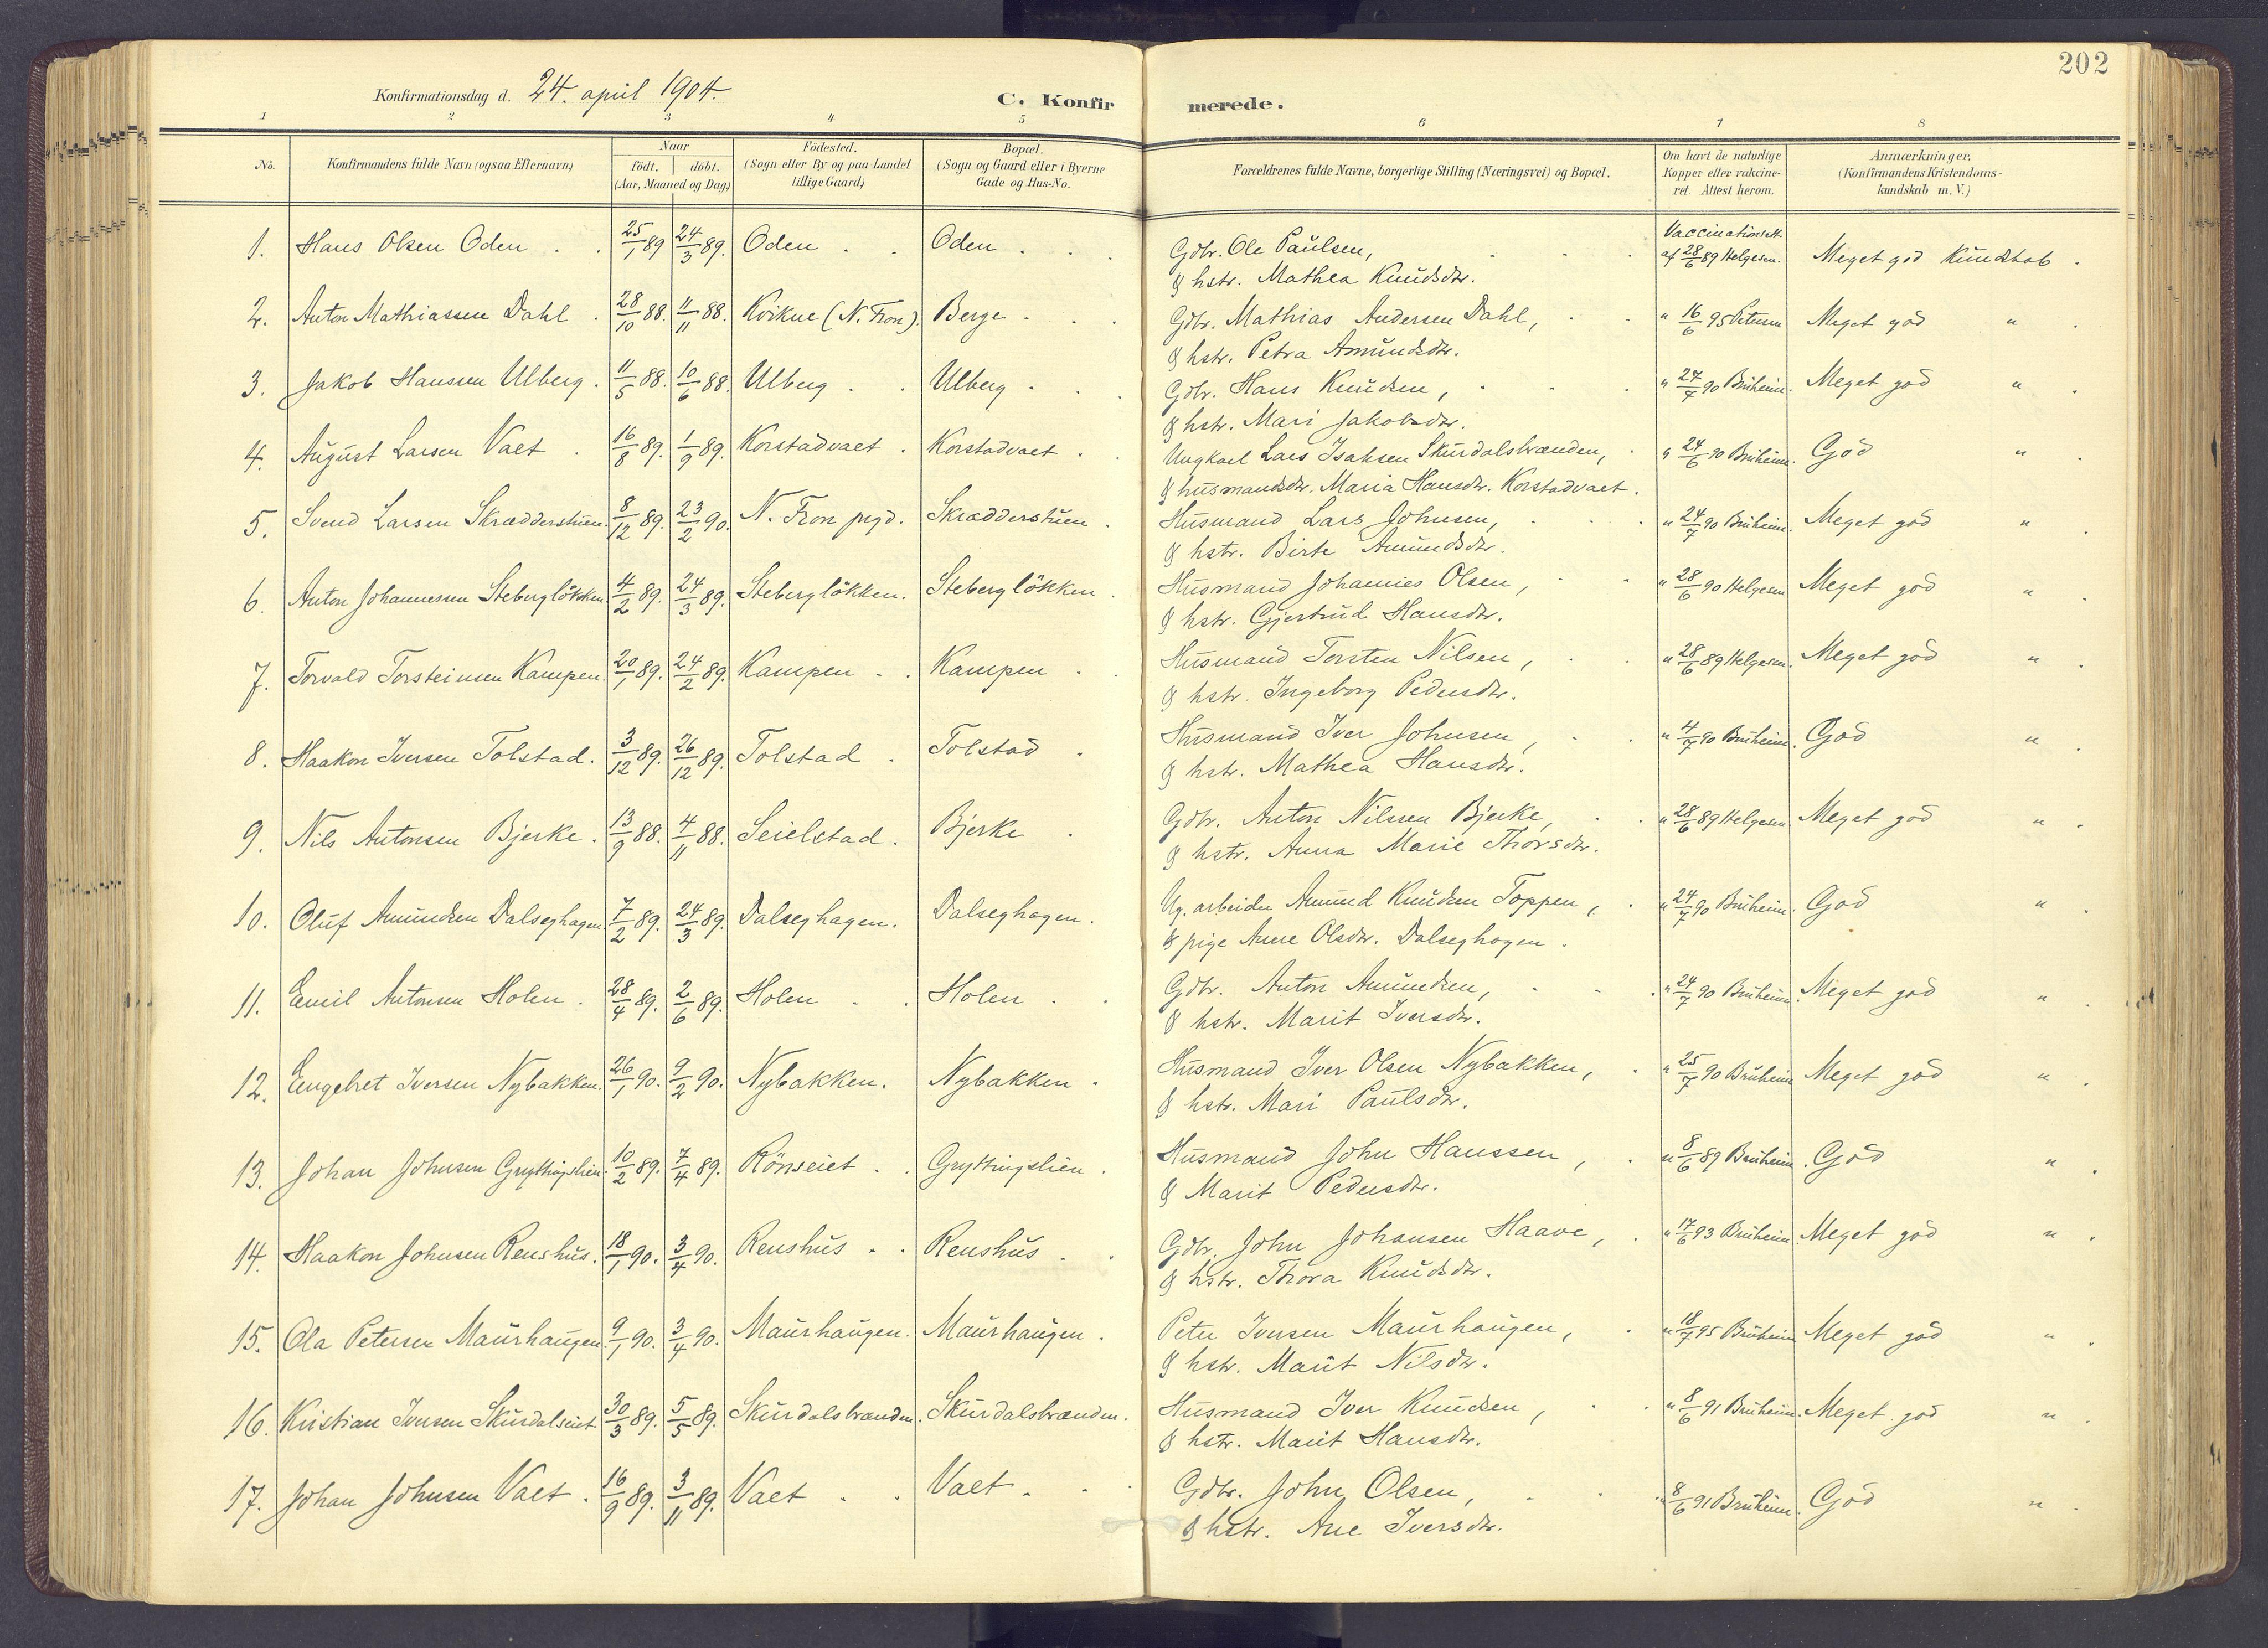 SAH, Sør-Fron prestekontor, H/Ha/Haa/L0004: Ministerialbok nr. 4, 1898-1919, s. 202